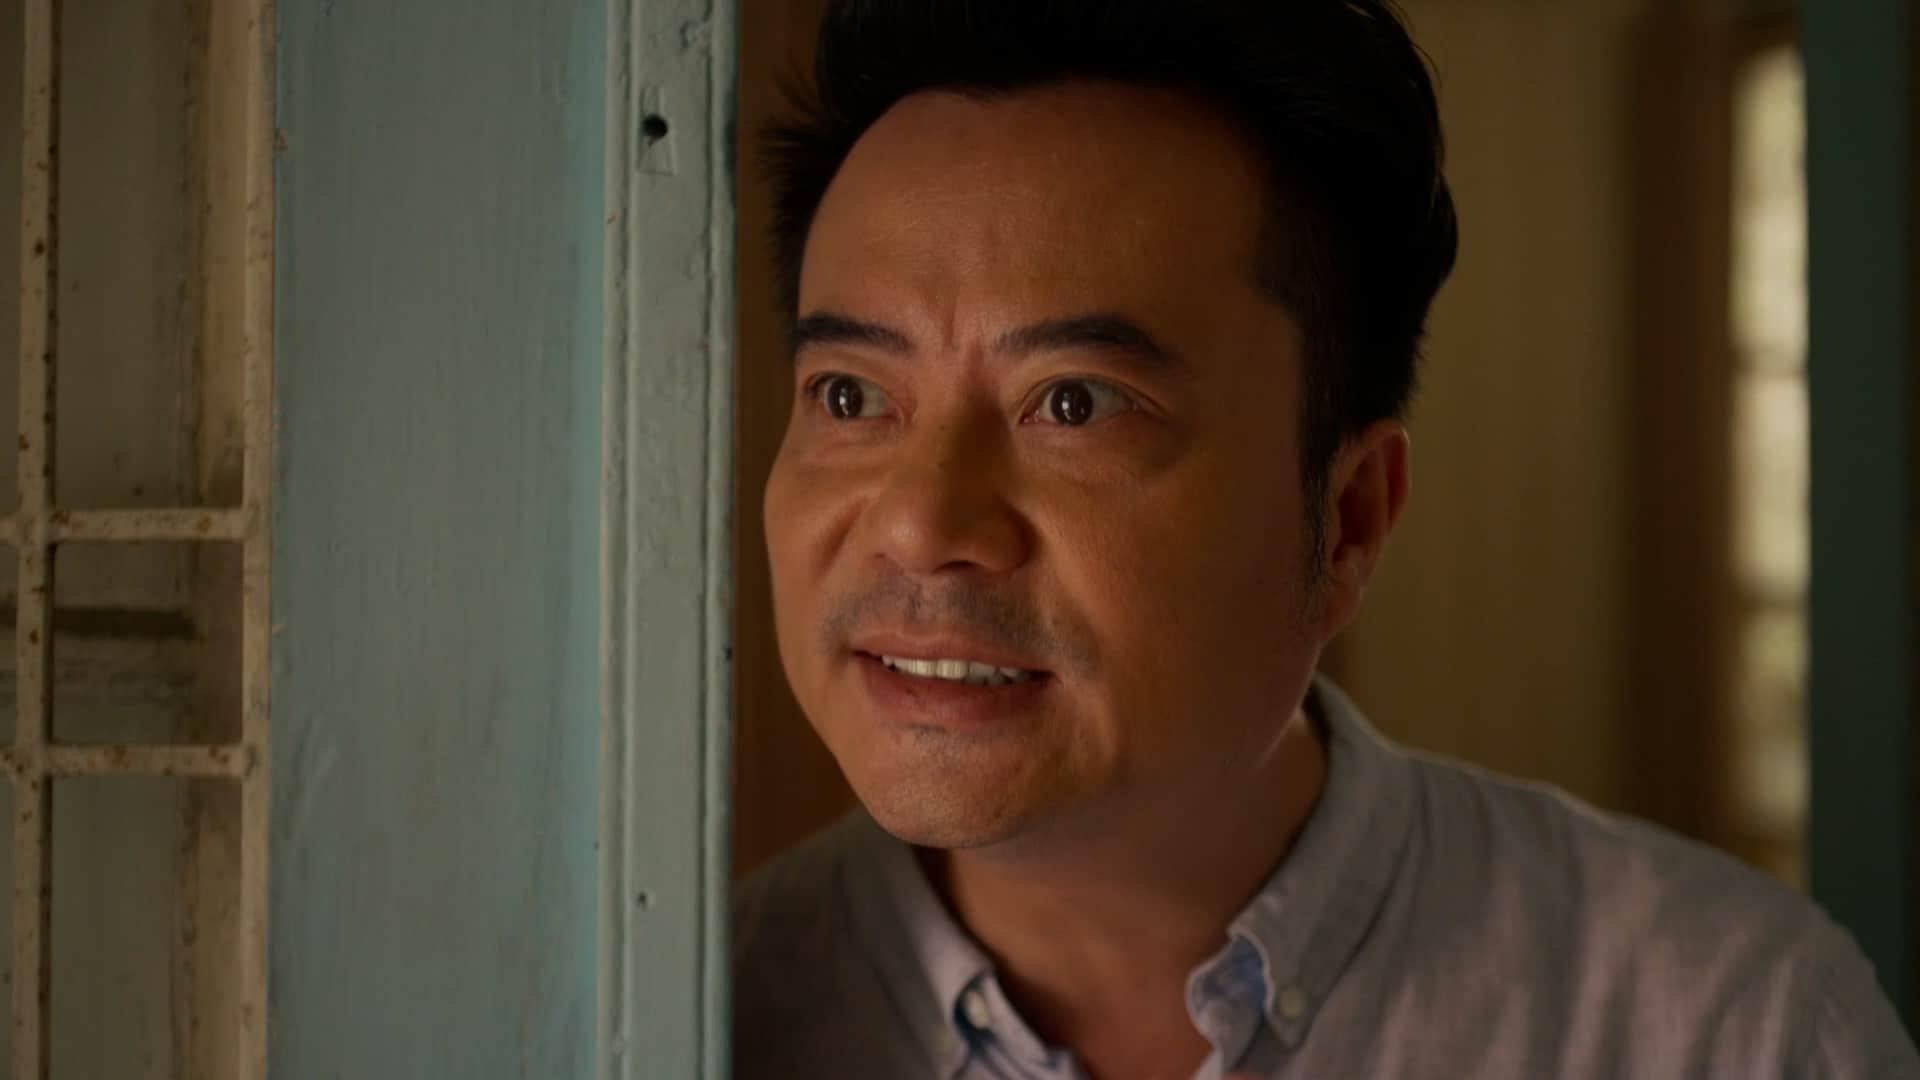 Liên Bỉnh Phát – Yu Dương lần đầu nên duyên trong phim điện ảnh kinh dị chiếu mạng - hình ảnh 5